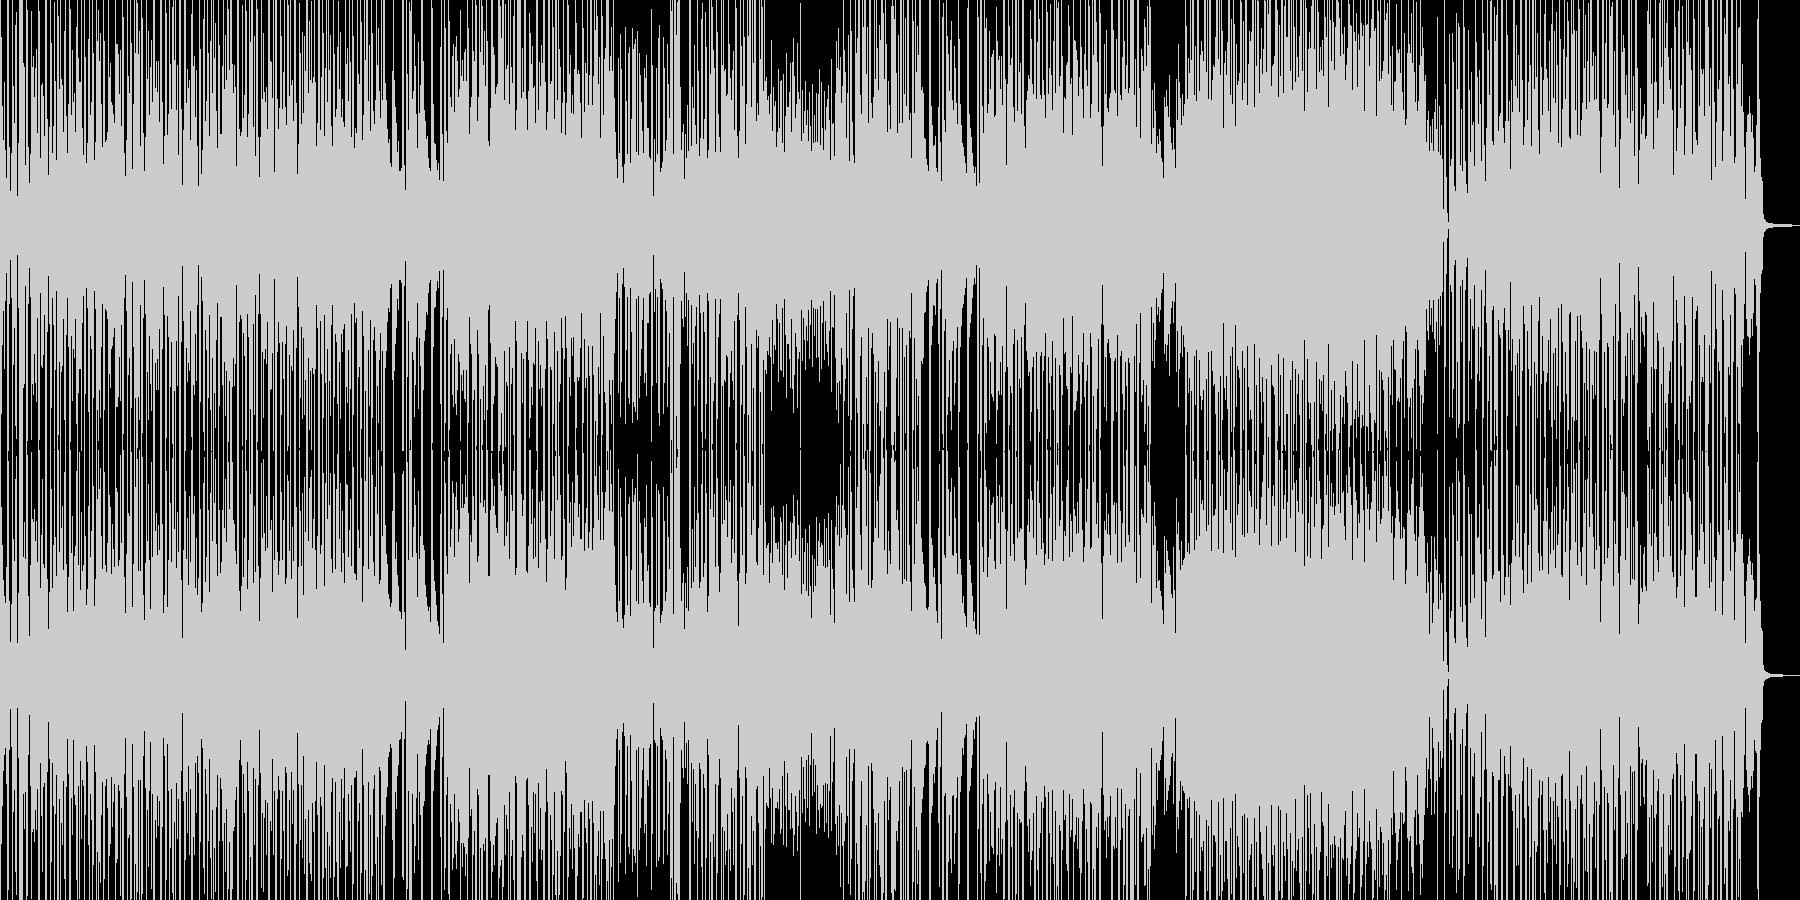 お笑い冒険活劇・ドラムの三味線ファンクの未再生の波形